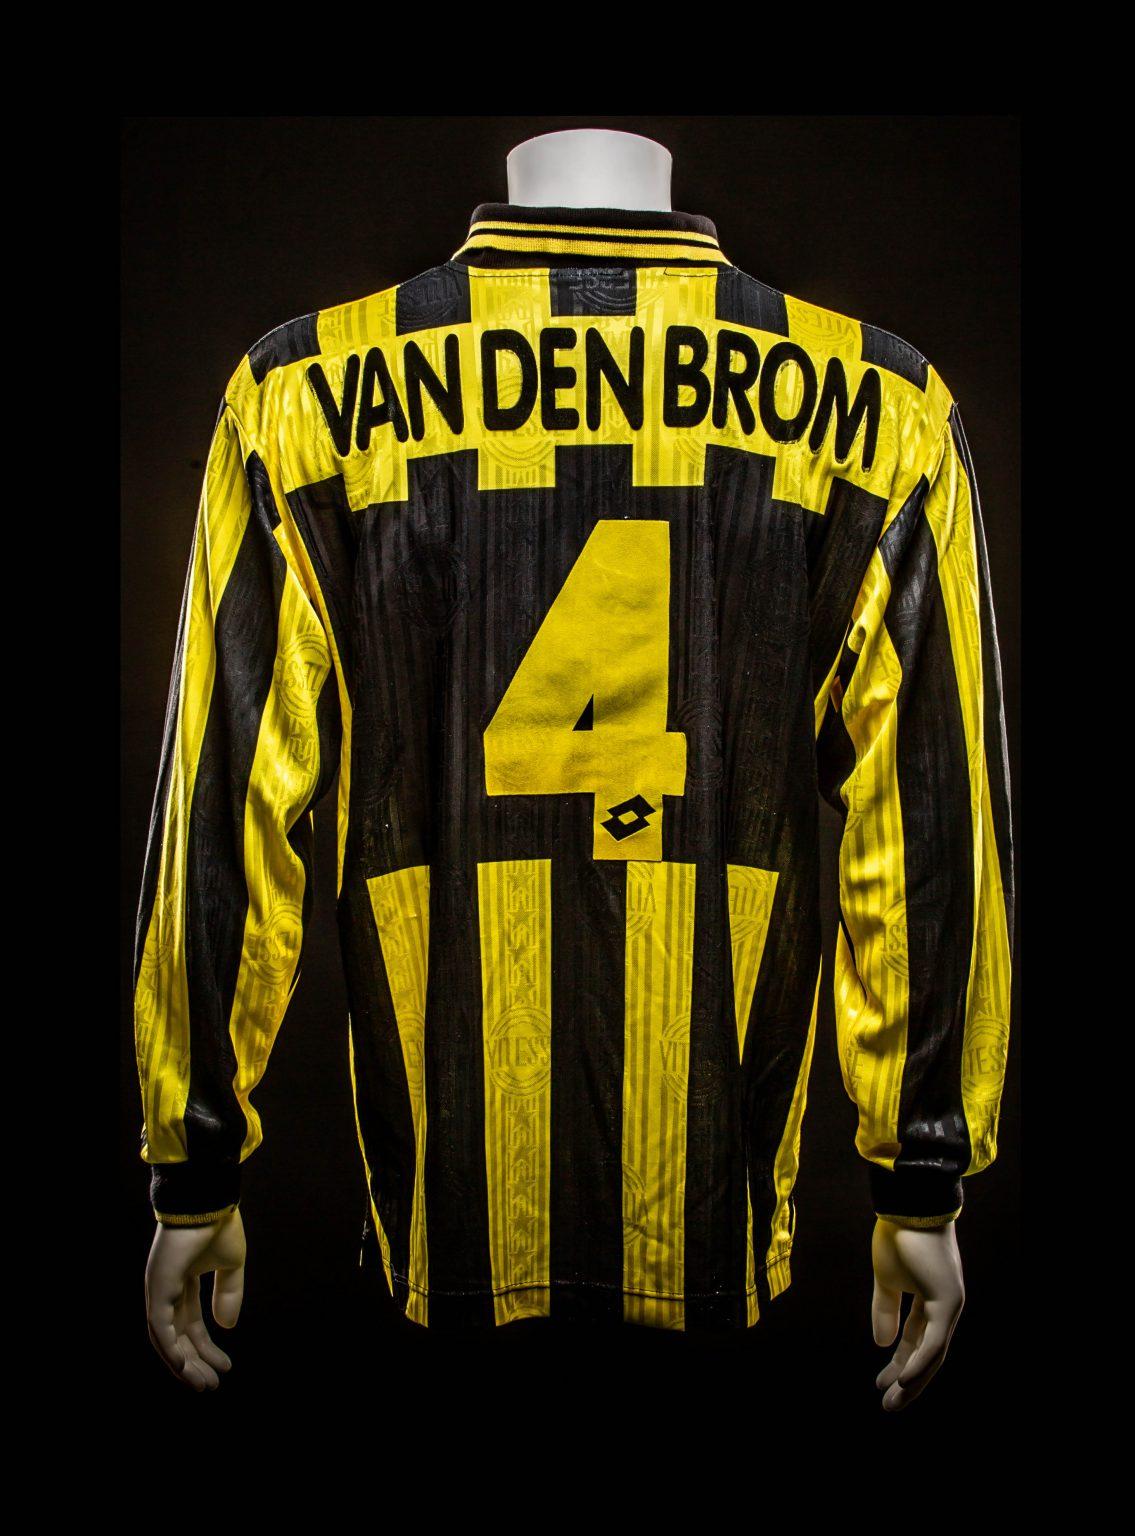 #4 John van den Brom Vitesse 1997-1999